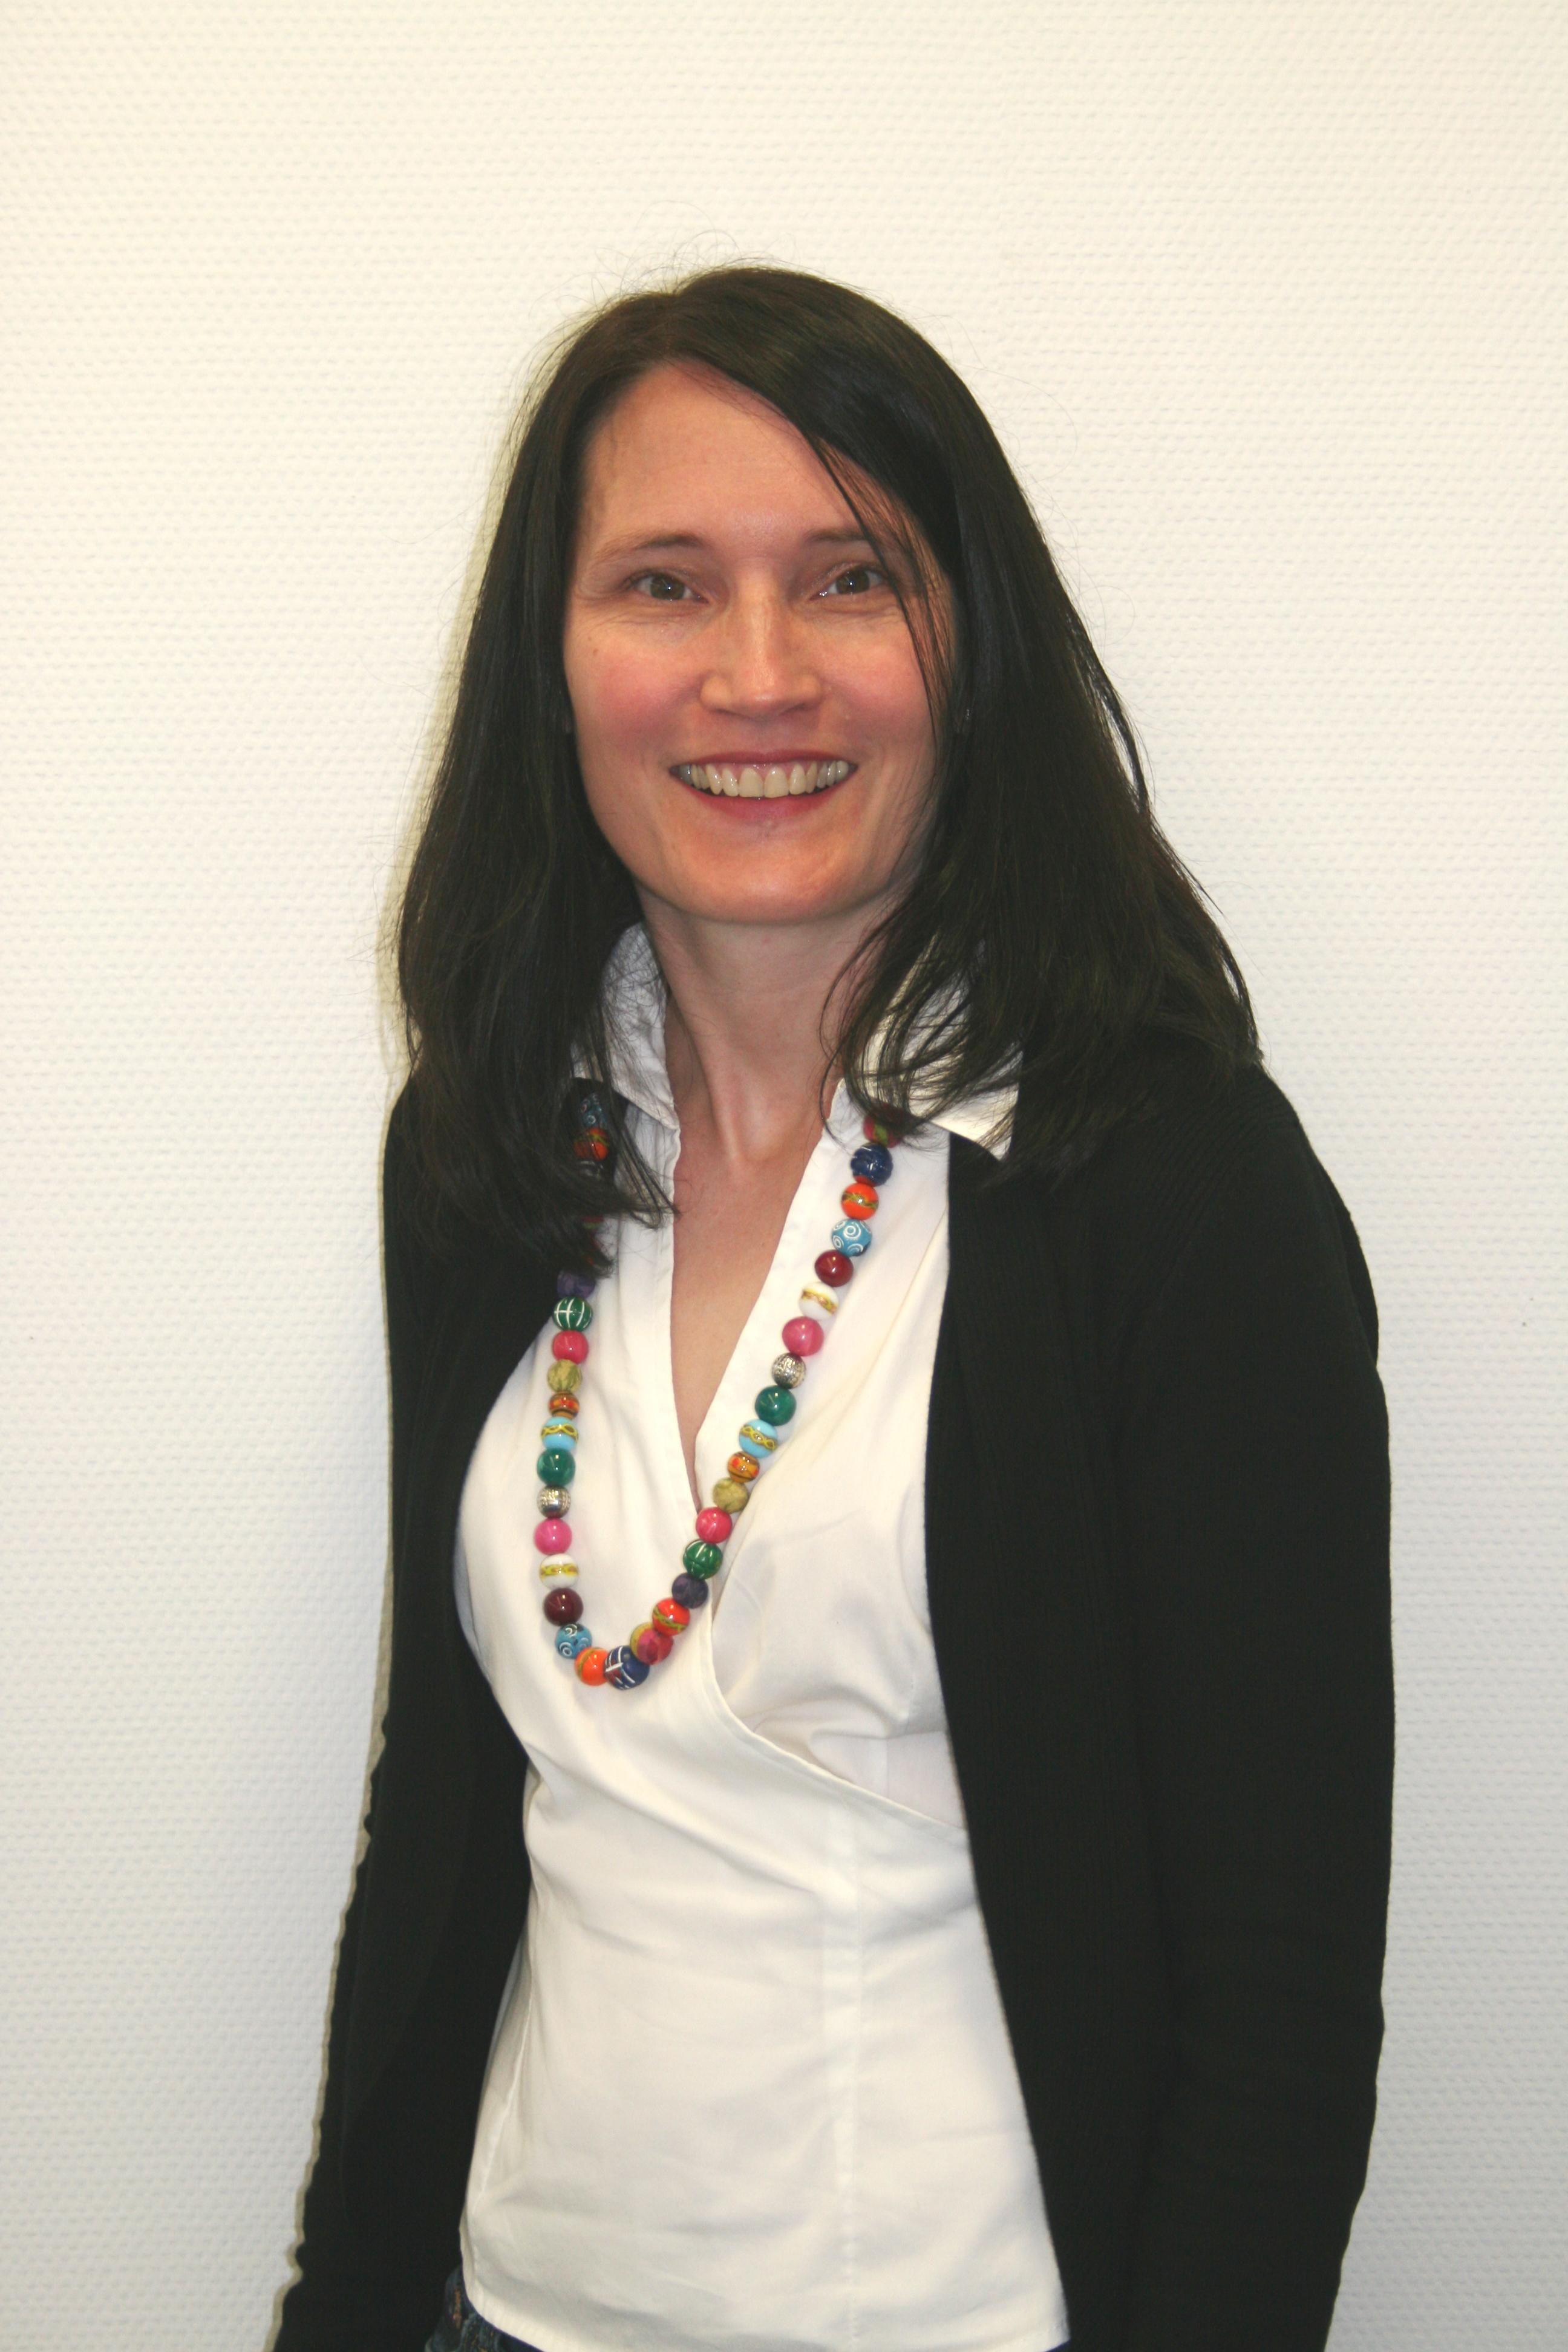 Daniela Hauser